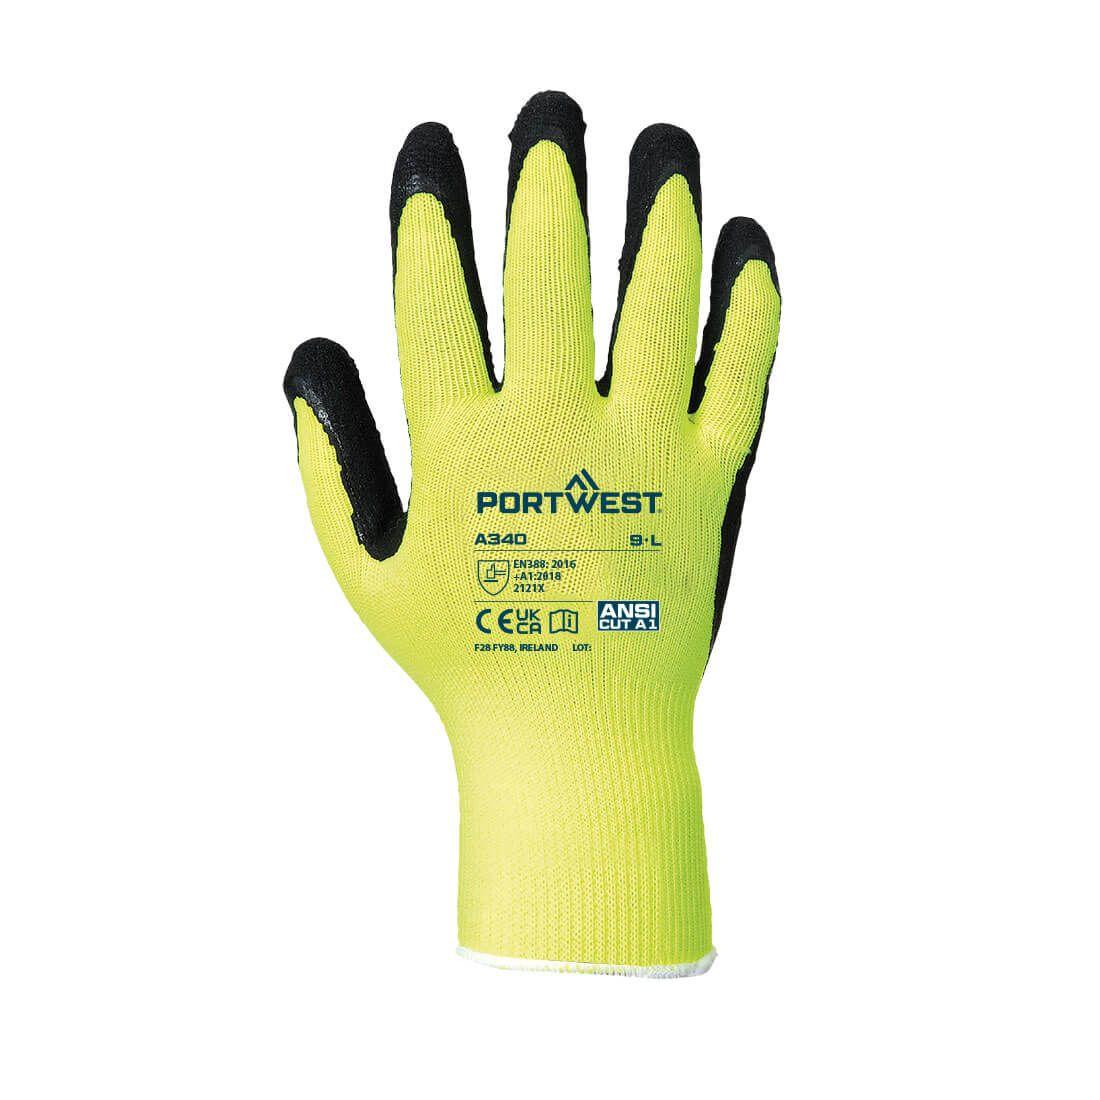 Portwest Handschoenen A340 geel(YE)